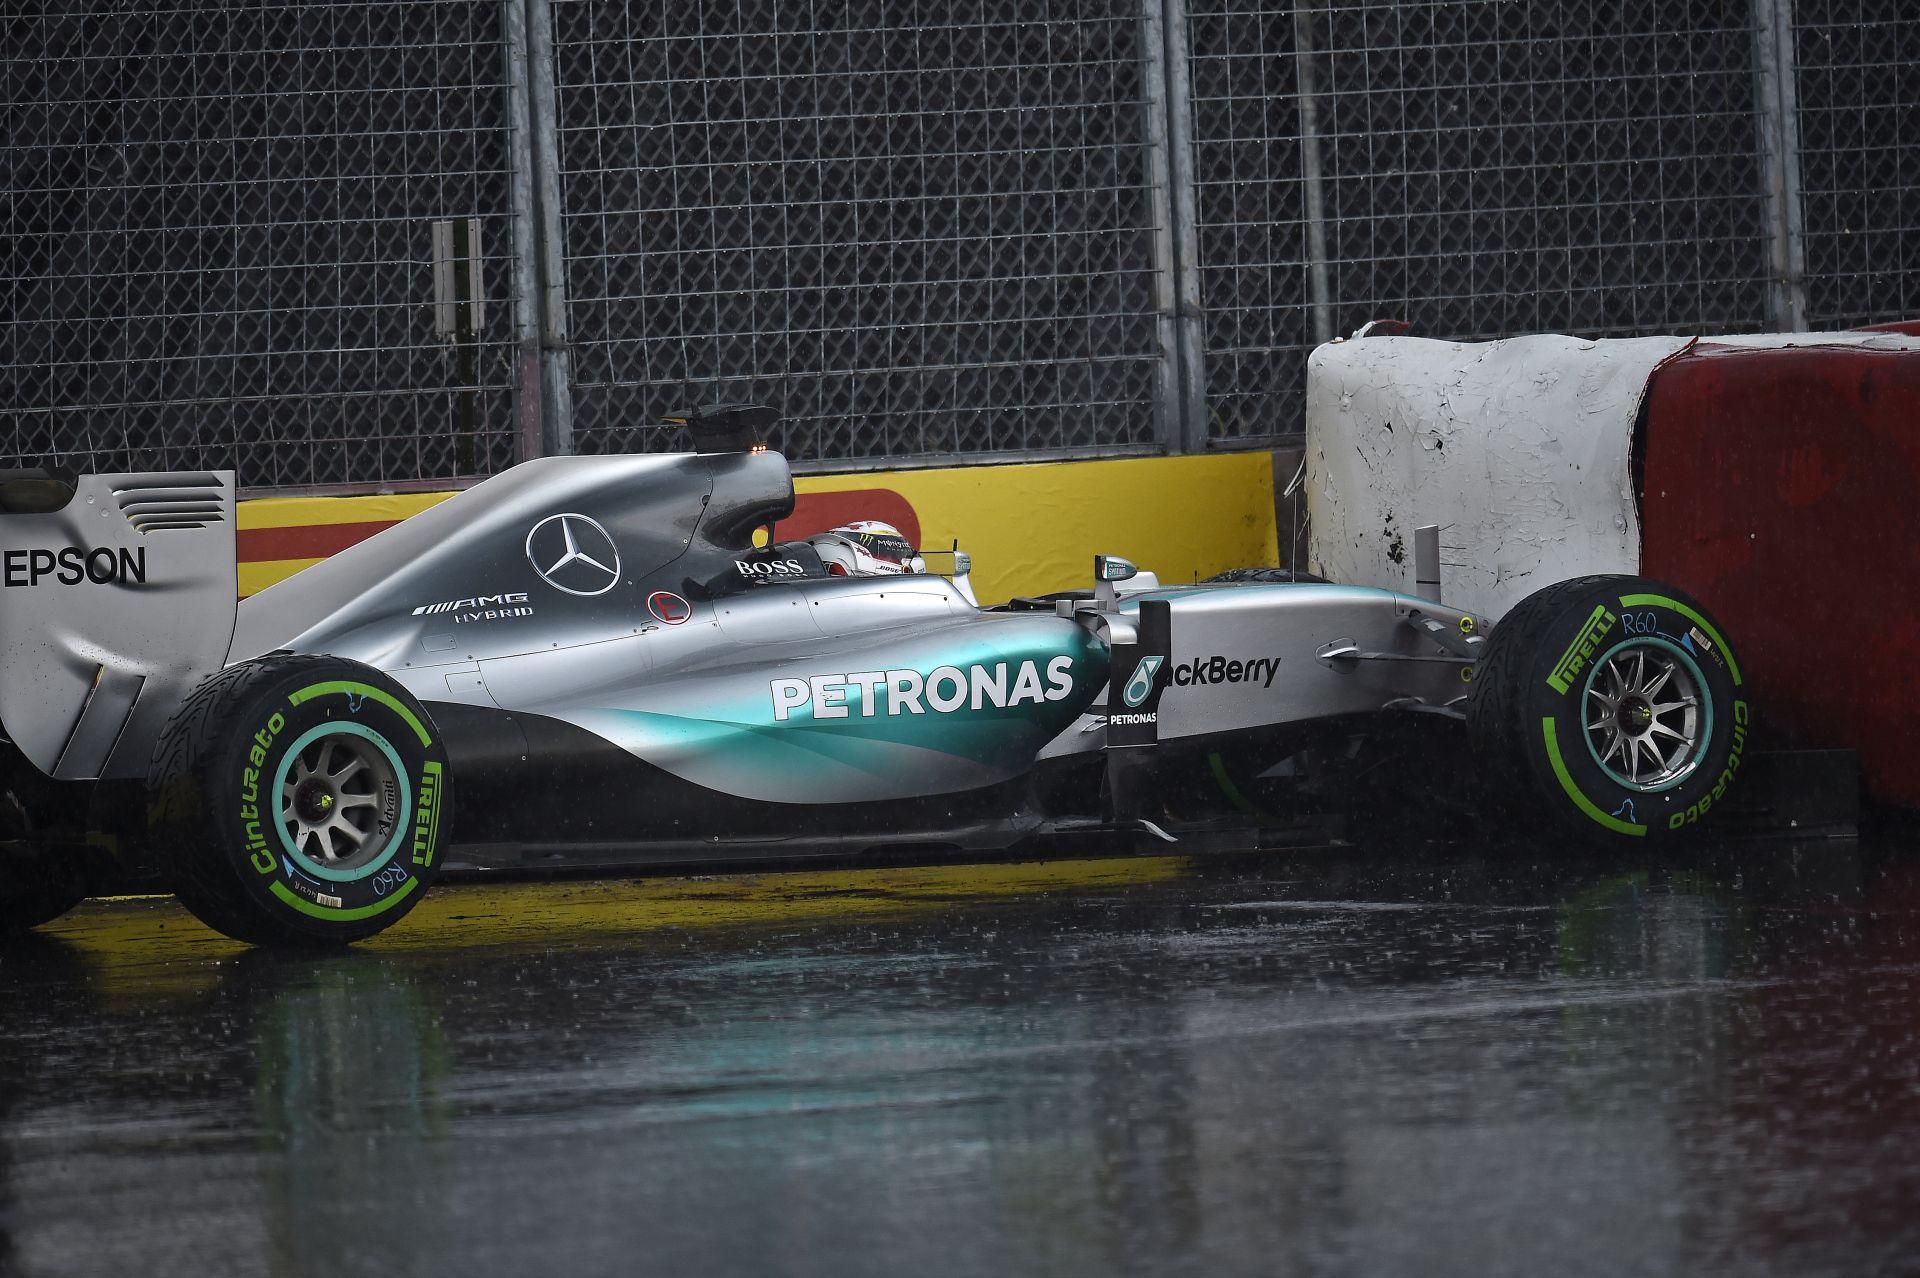 Ezek az F1-es csapatok teljesítették eddig a 2016-os törésteszteket